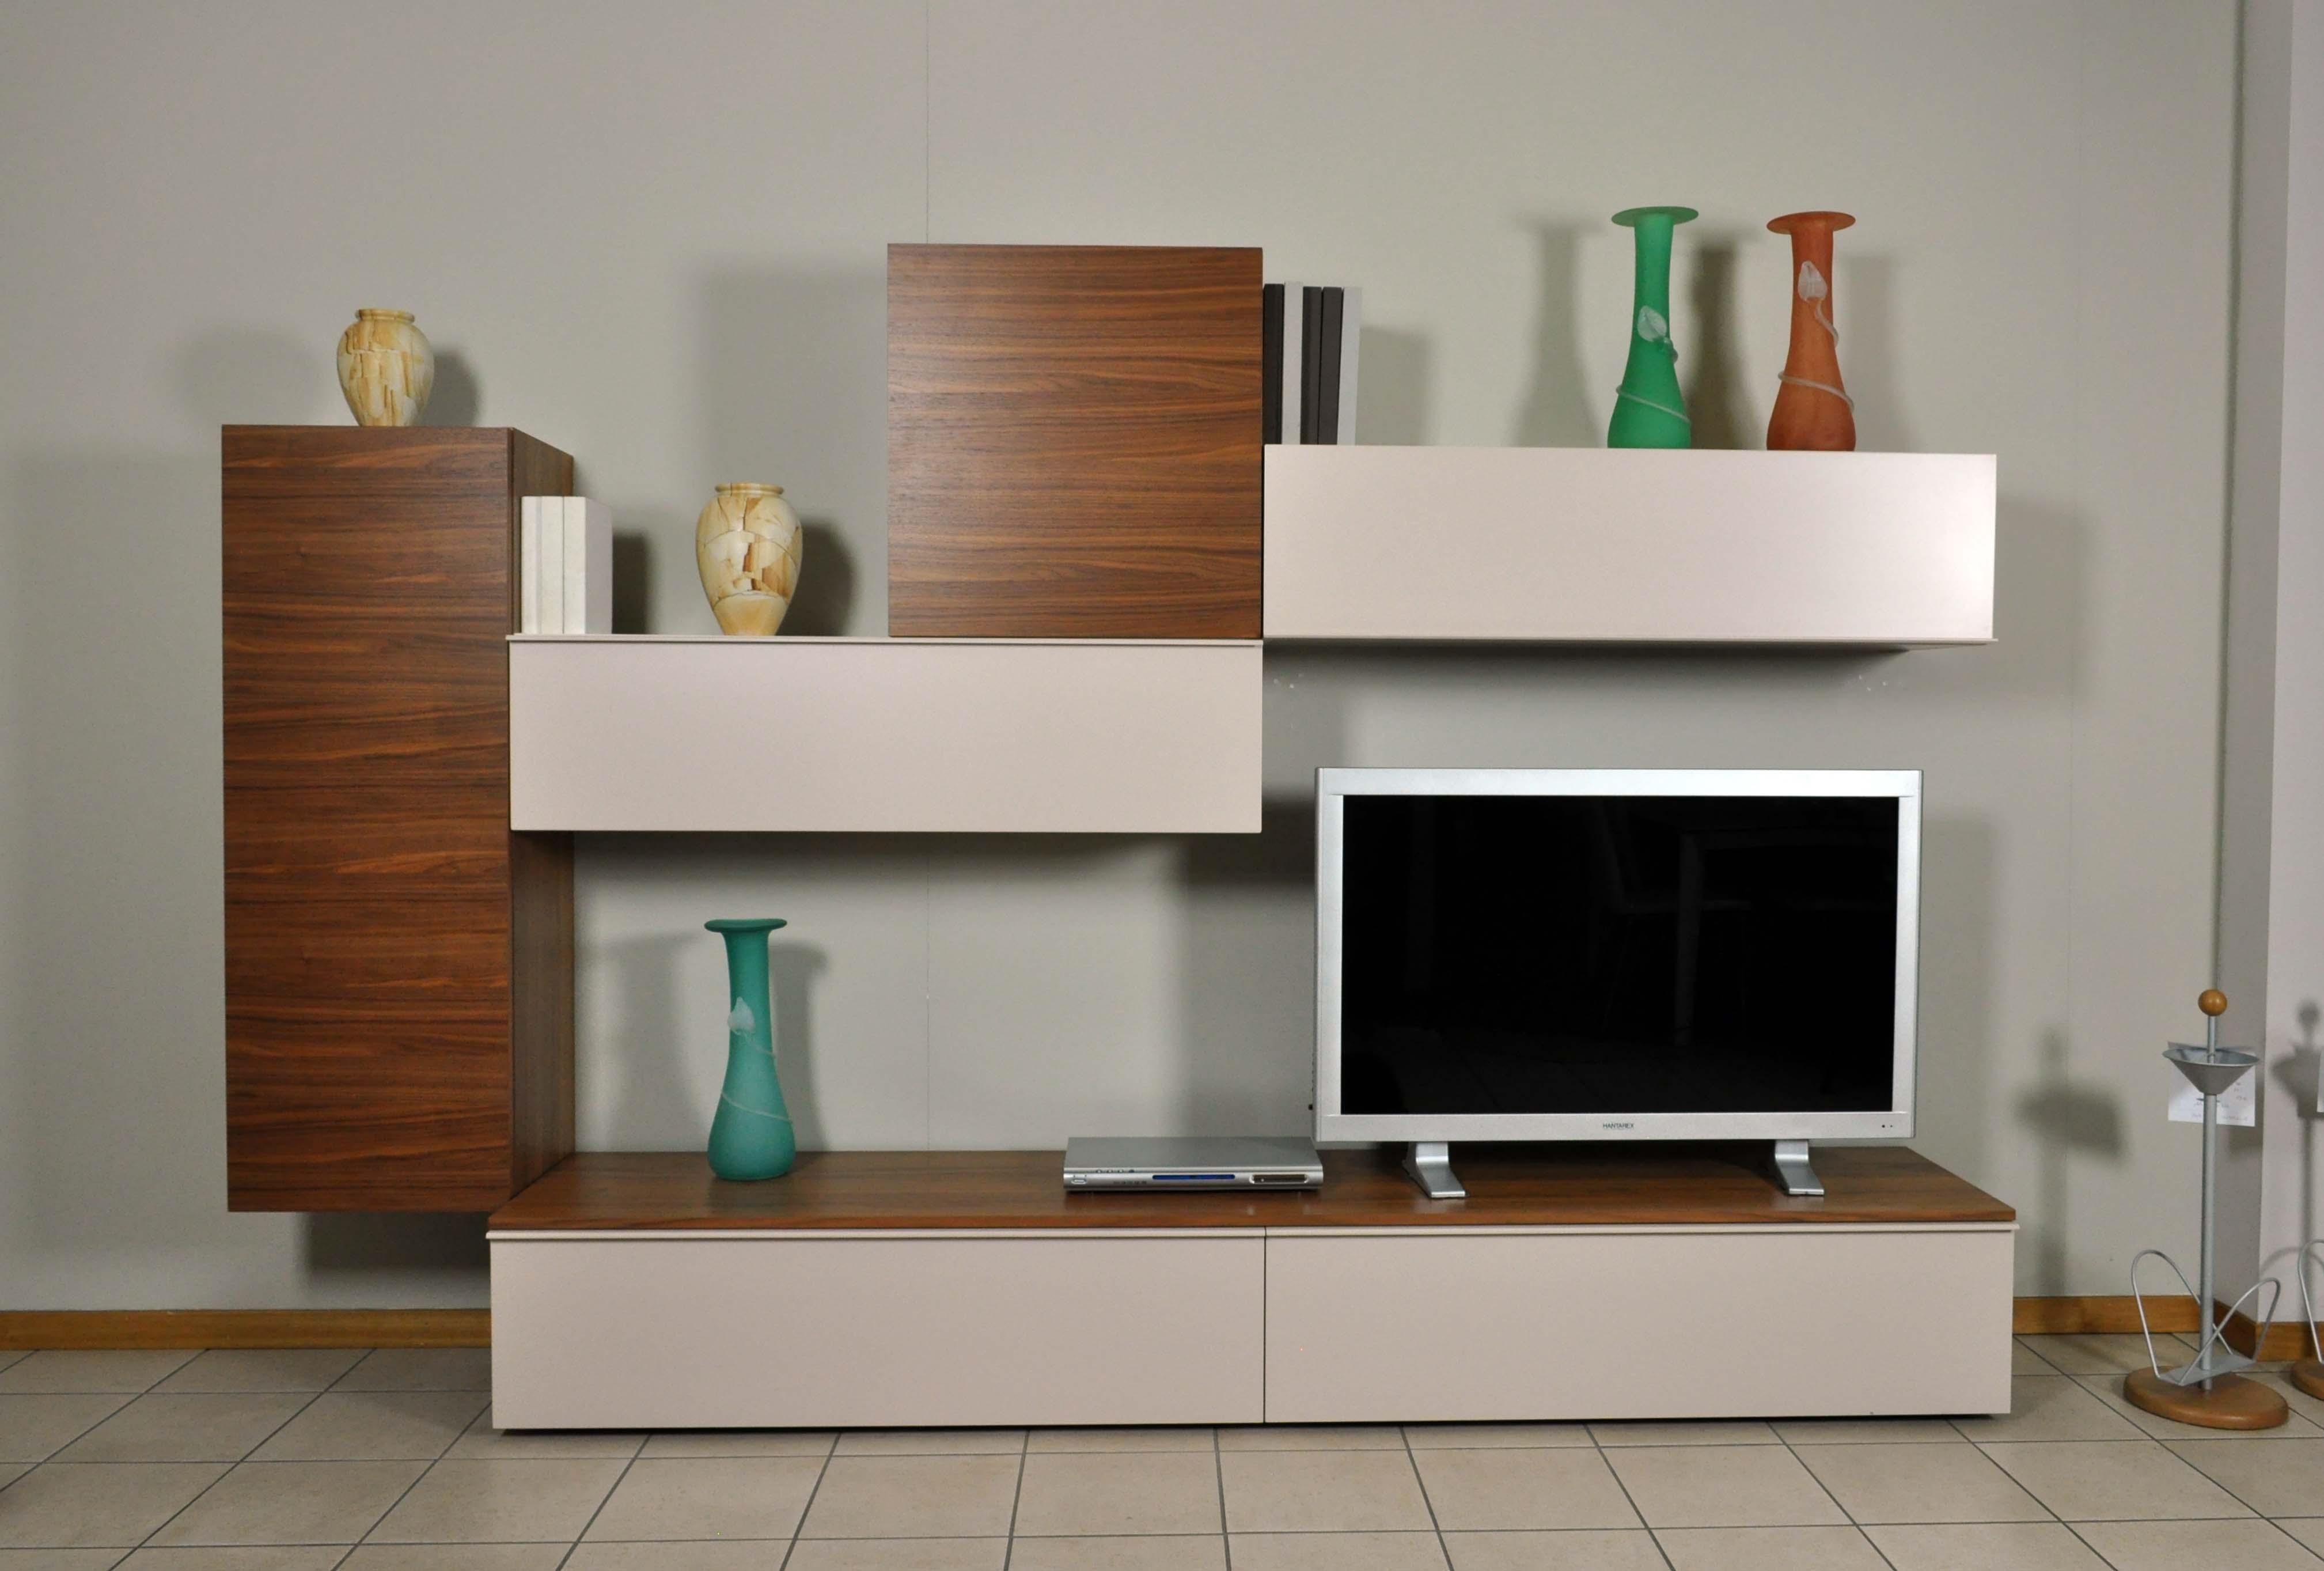 Parete soggiorno napol vero legno in offerta prezzo outlet - Lacedelli mobili outlet ...